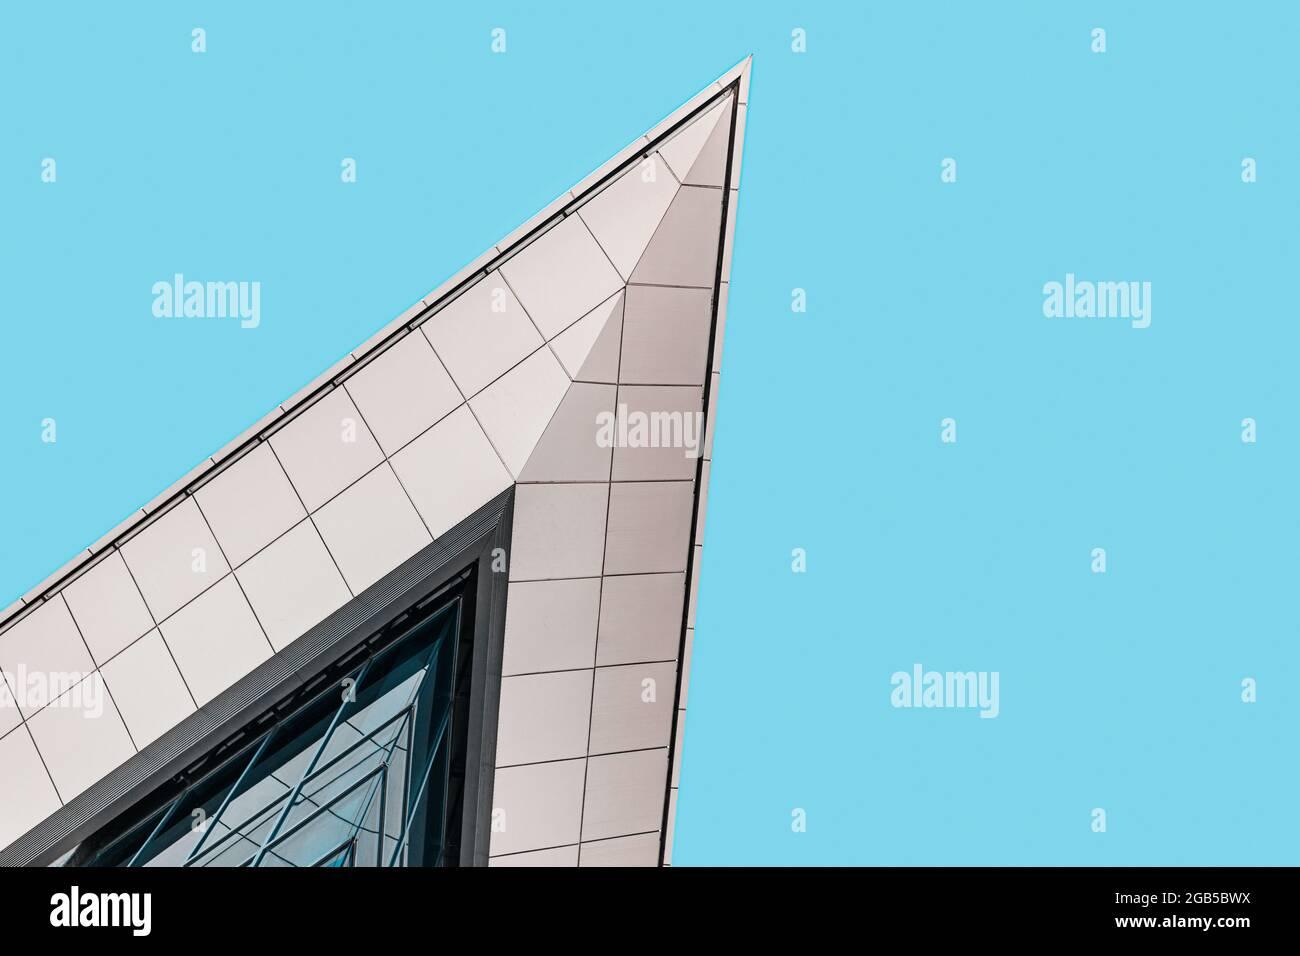 Immeuble de bureaux moderne au ciel bleu, vue à angle bas, panorama avec espace libre. Expérience dans le domaine des affaires et de l'immobilier Banque D'Images